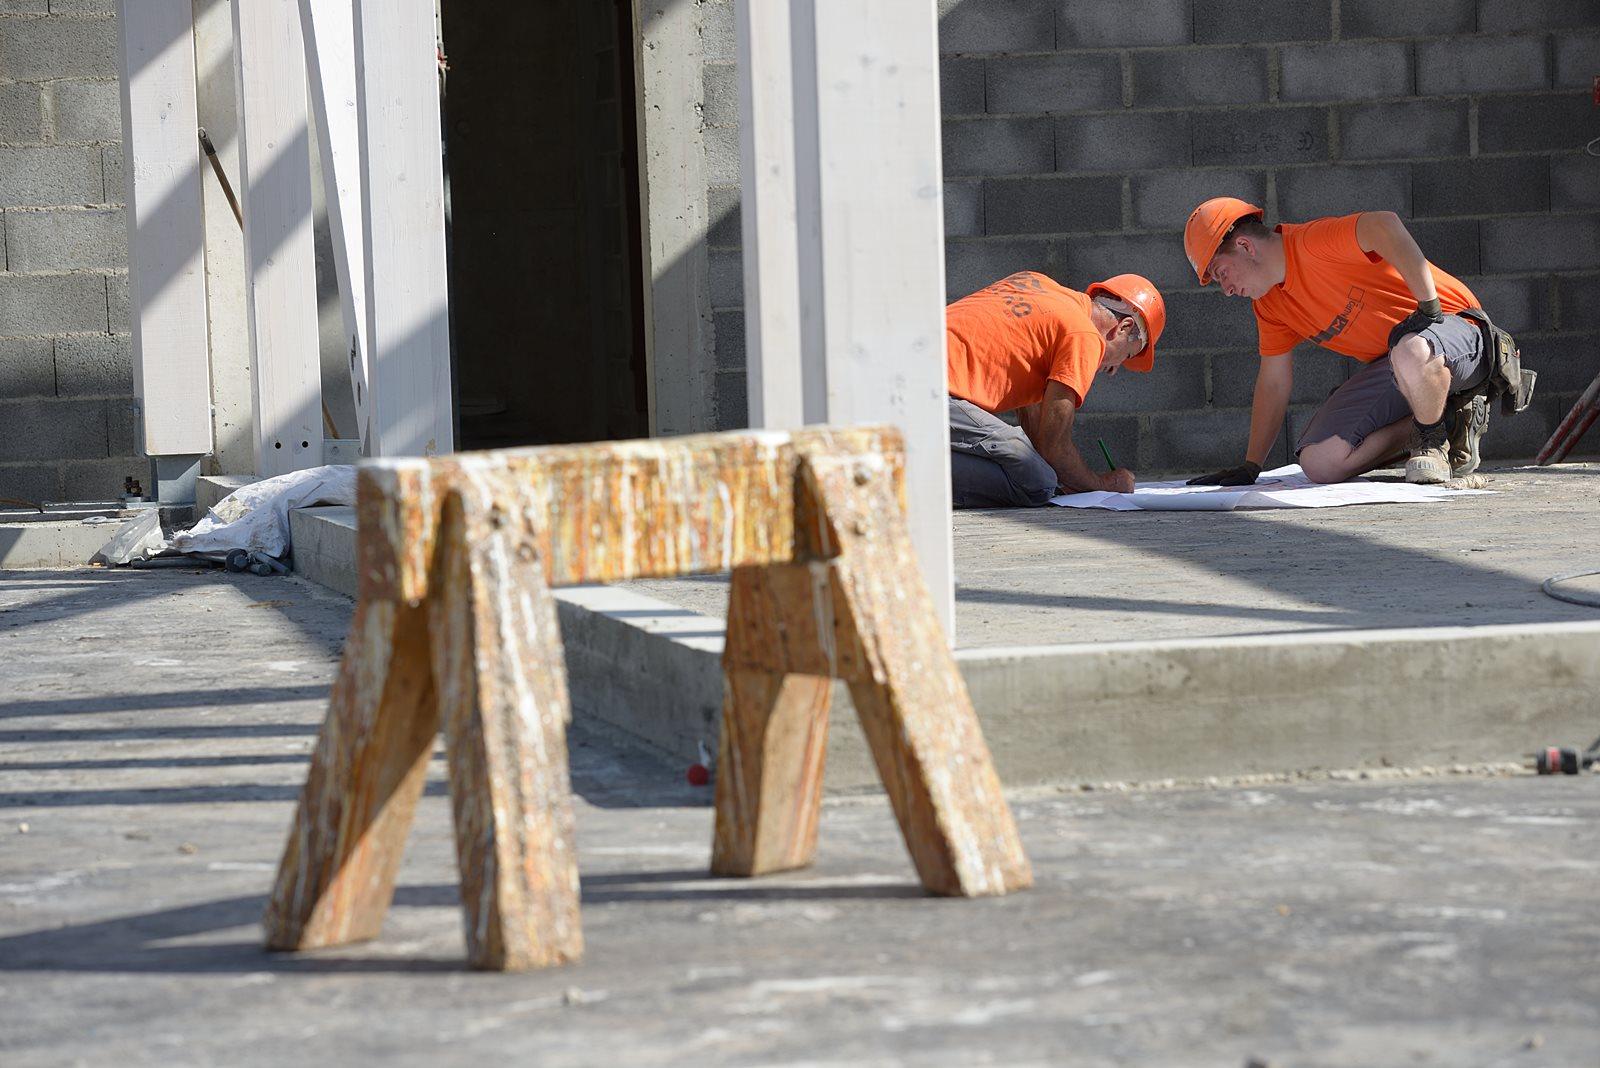 photographe de chantier à Aix-les-bains : des ouvriers consultent un plan posé au sol